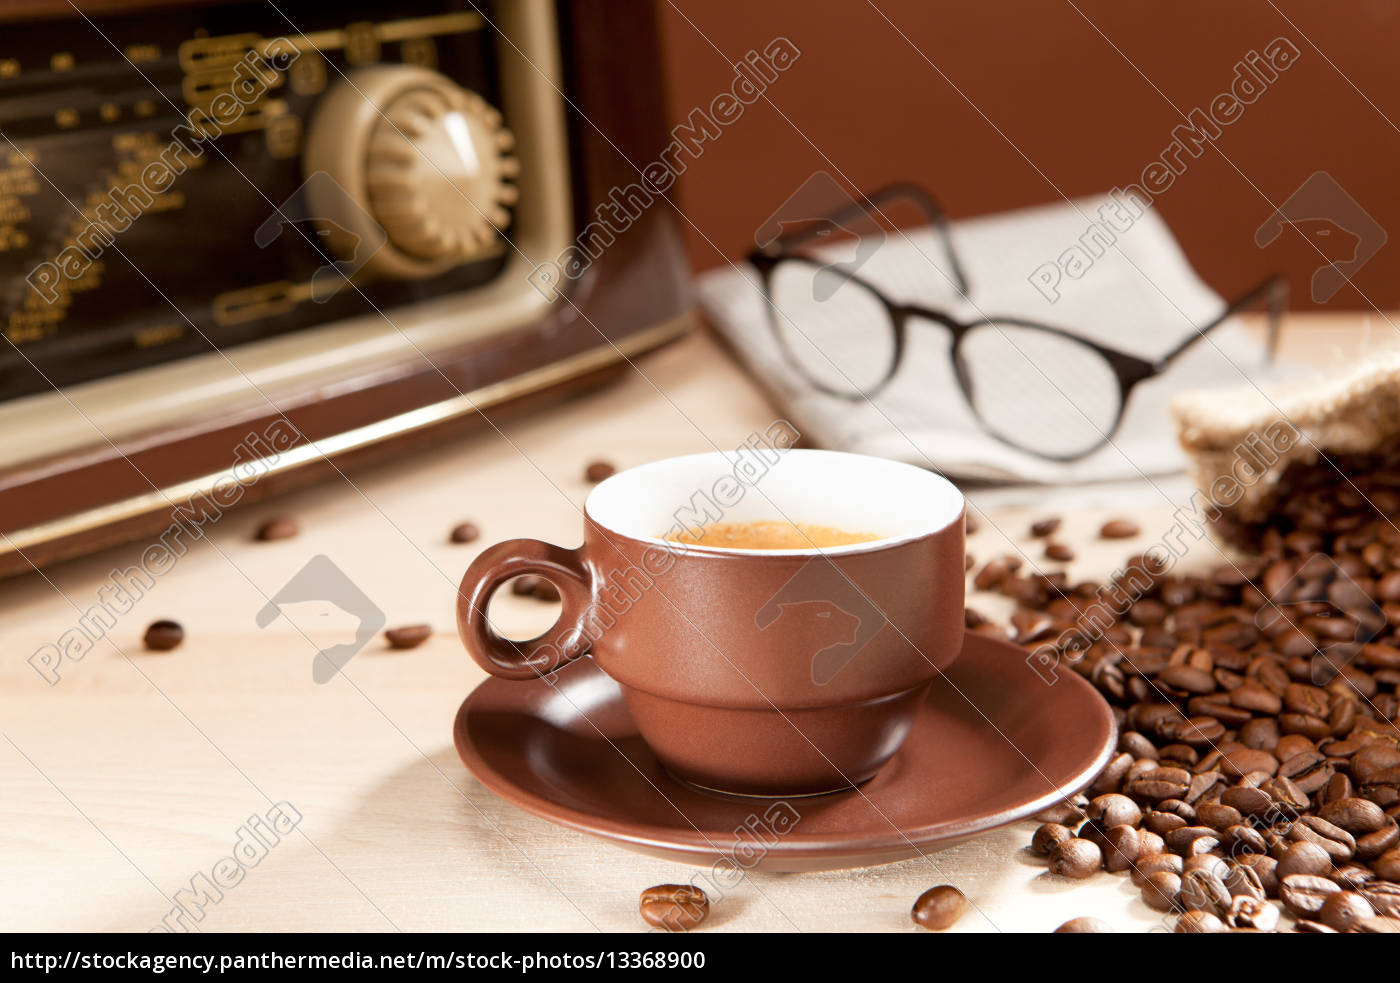 Eine Tasse Kaffee mit Zeitung und Radio - Lizenzfreies Foto ...